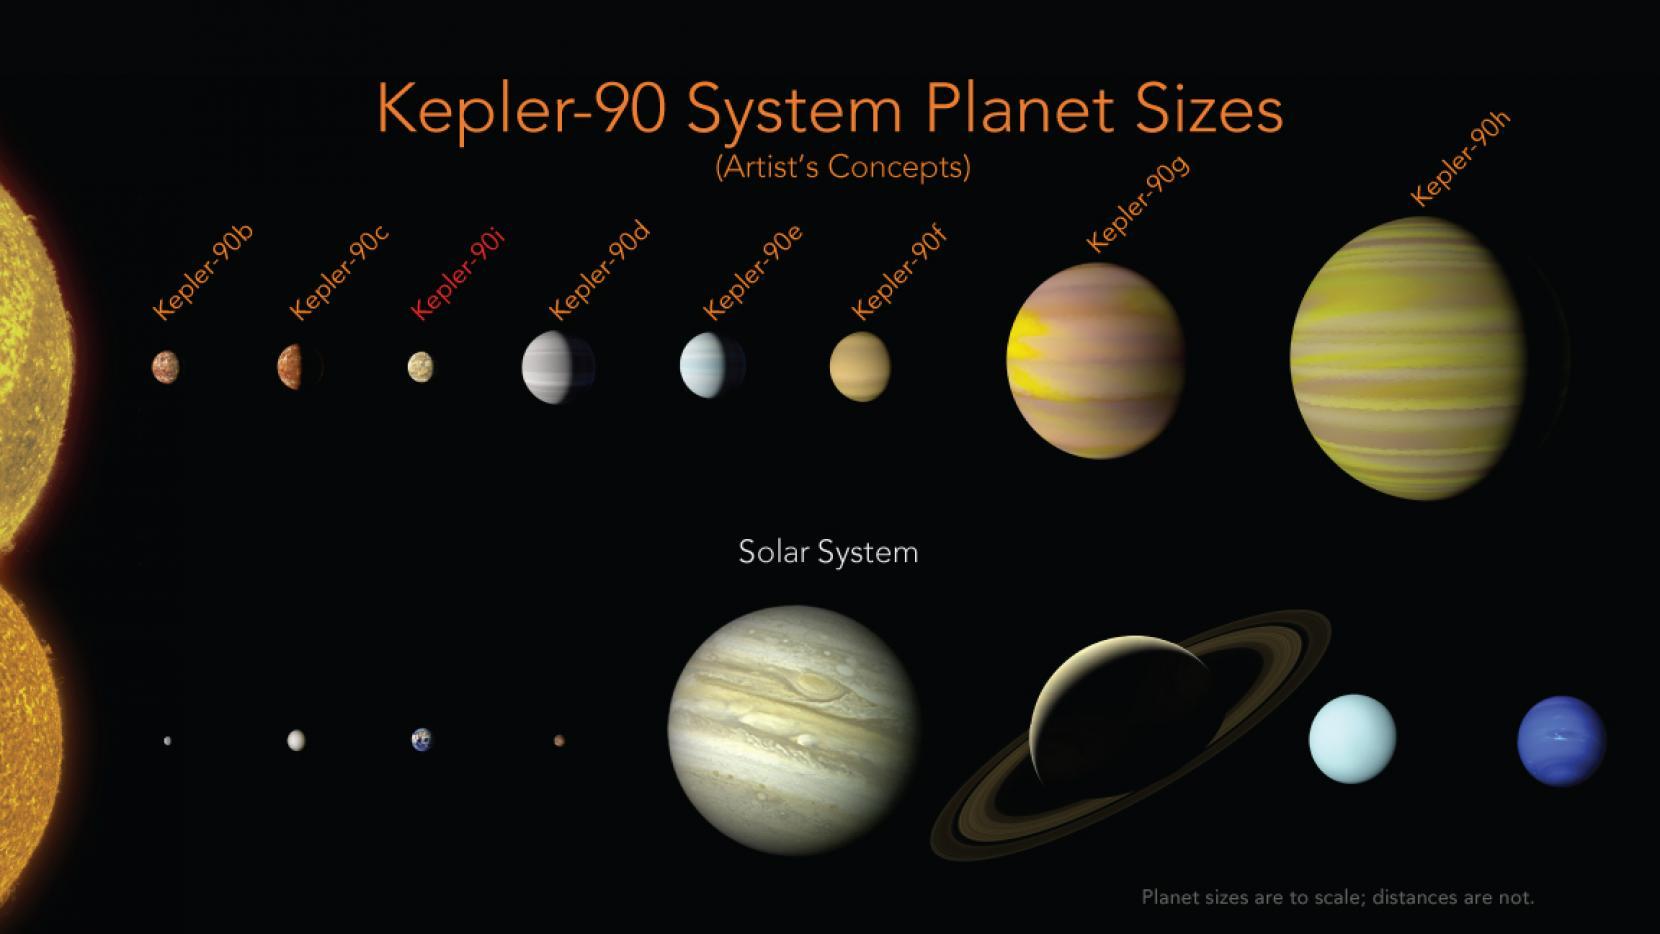 اكتشاف نظام نجمي مكون من 8 كواكب